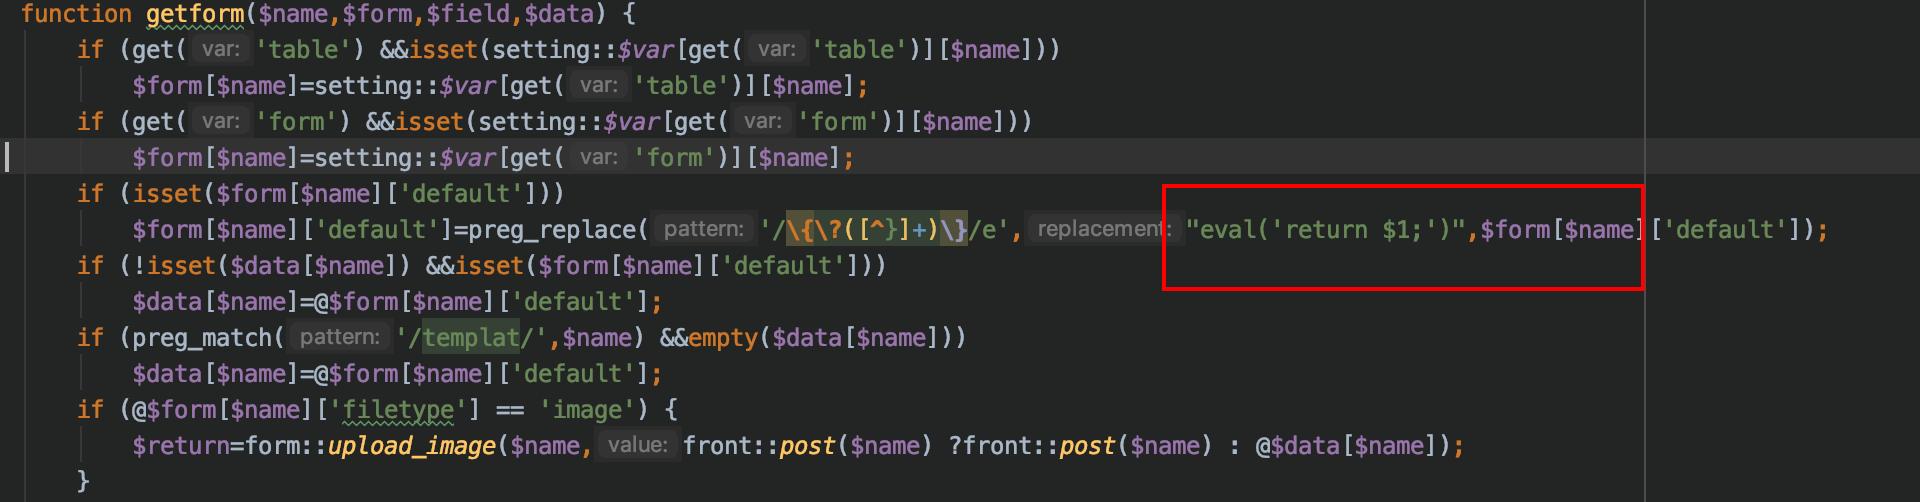 php代码审计学习之函数缺陷